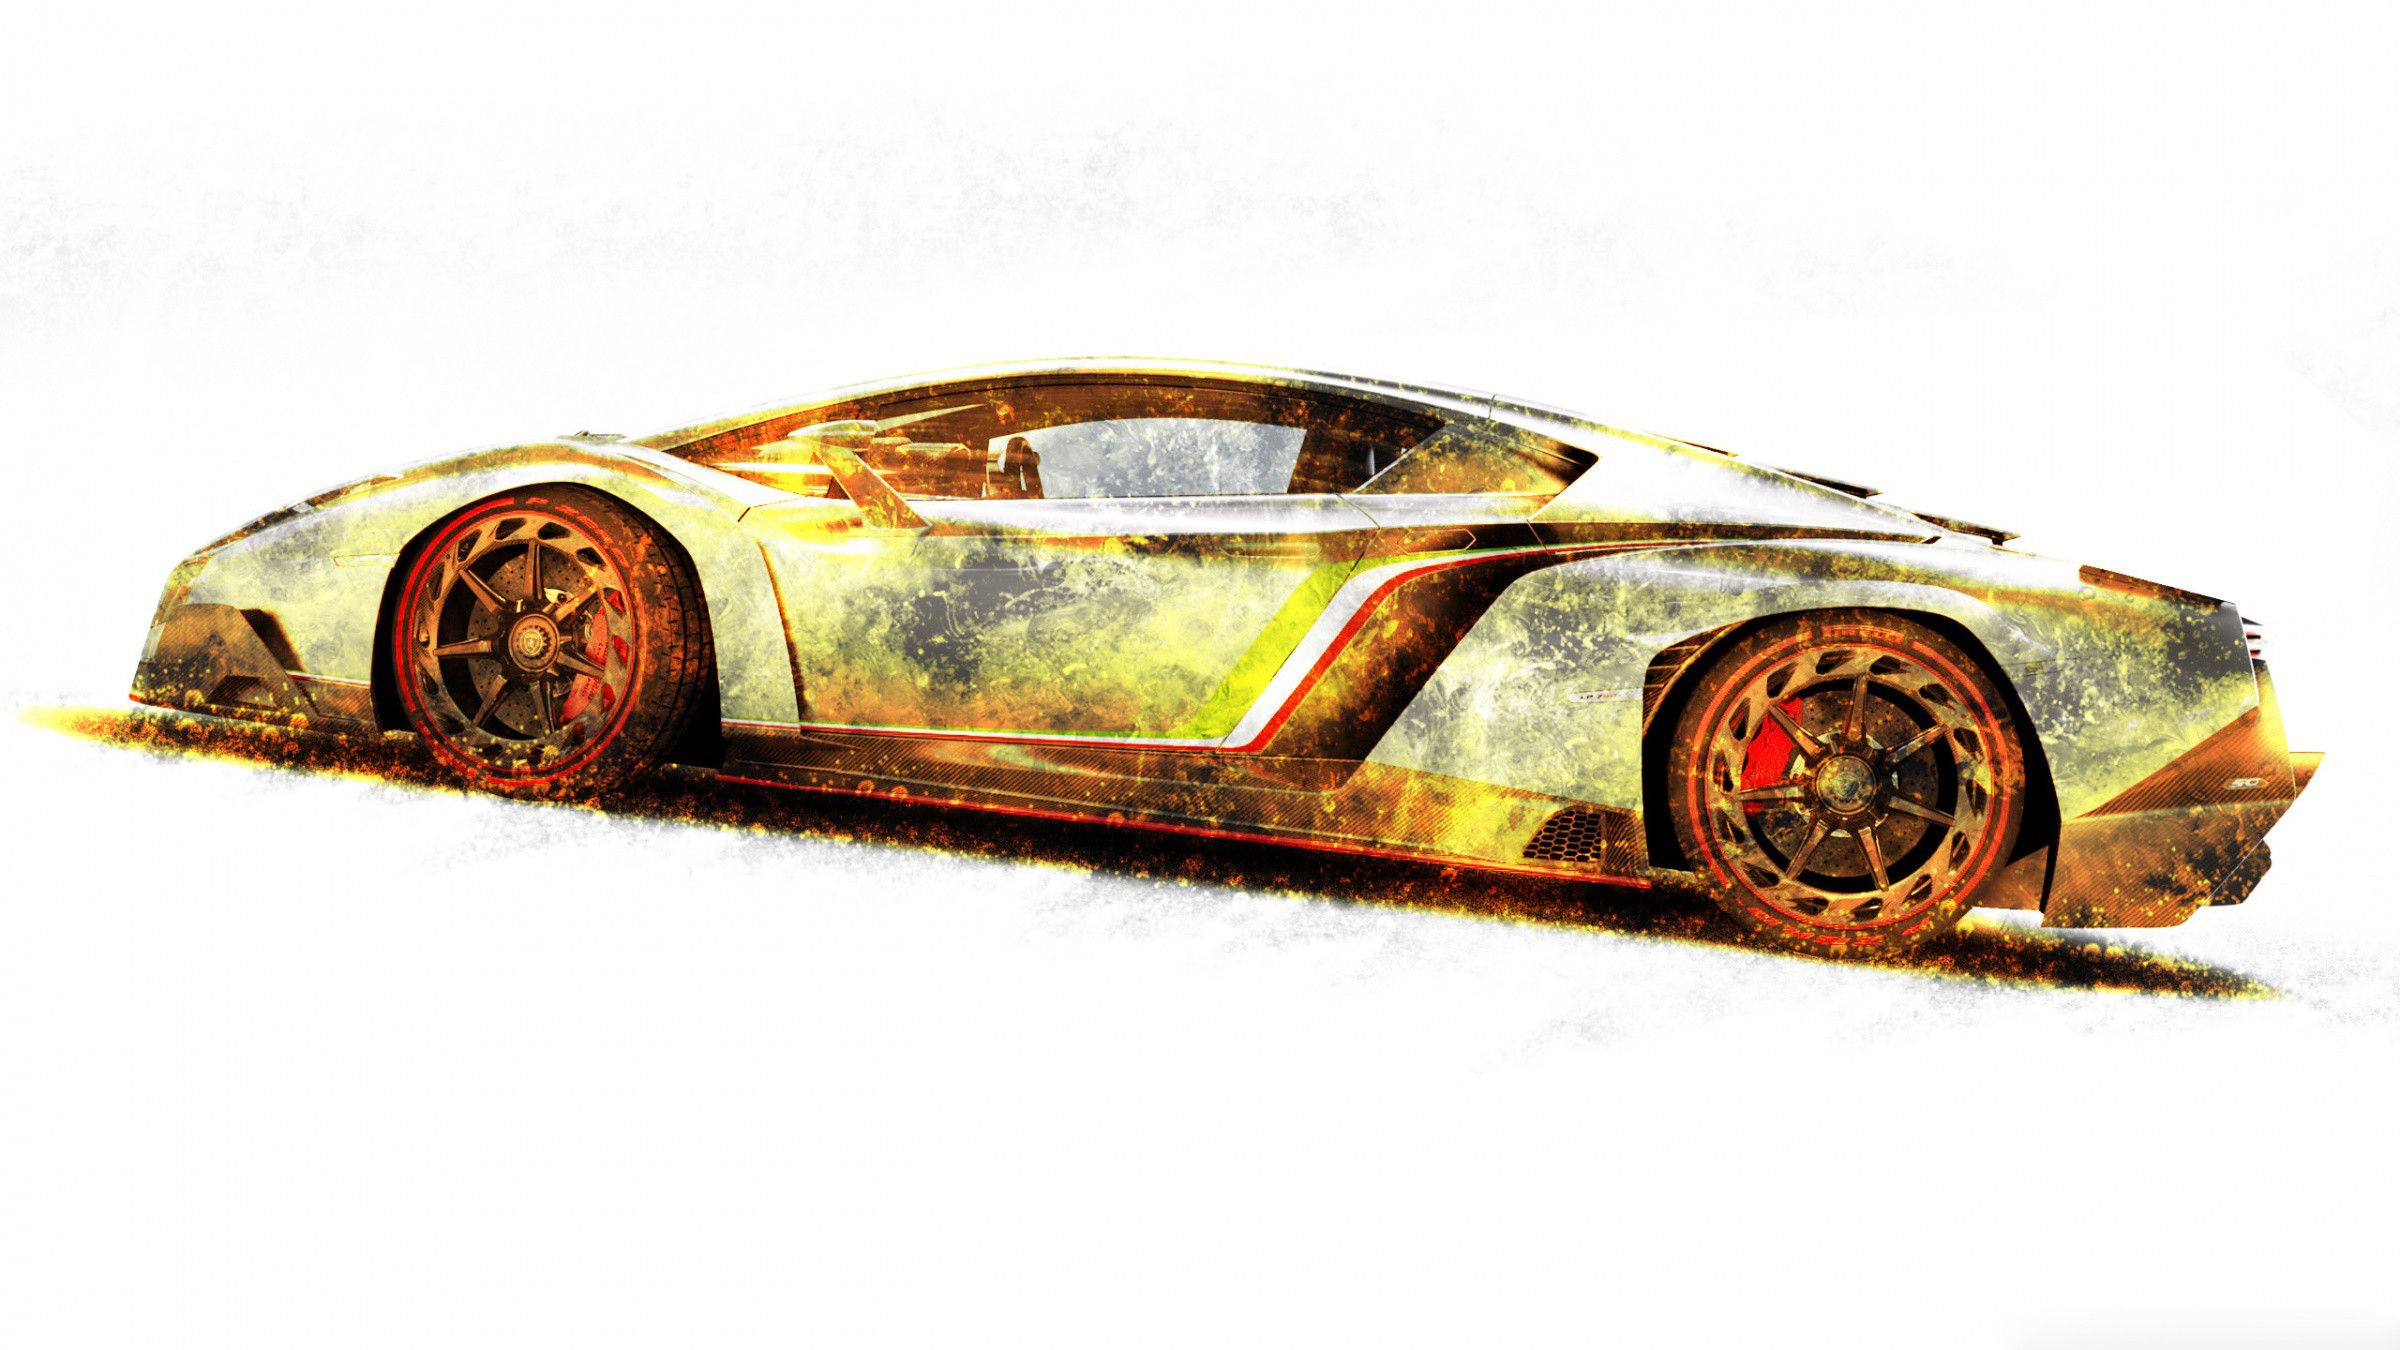 lamborghini-veneno-gold-wallpaper.jpg (2400×1350) | Lykan | Pinterest |  Lamborghini veneno, Lamborghini and Wallpaper